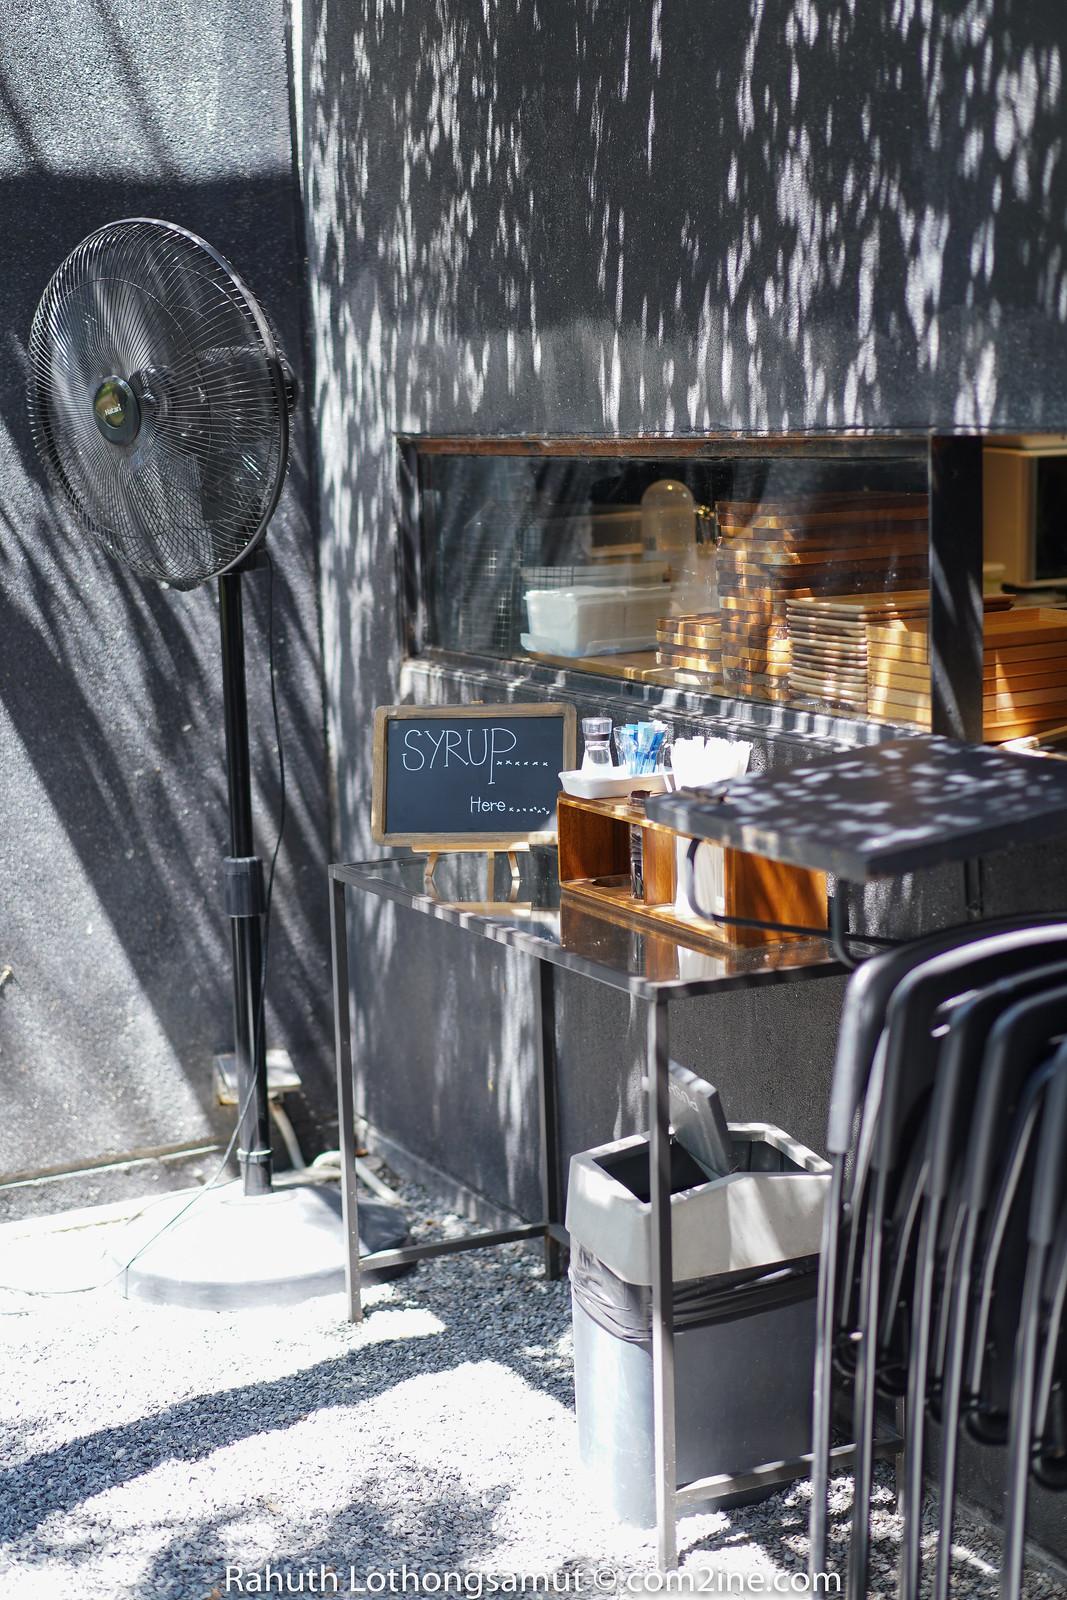 ที่มุมต่างๆ - Yellow Submarine Coffee Tank